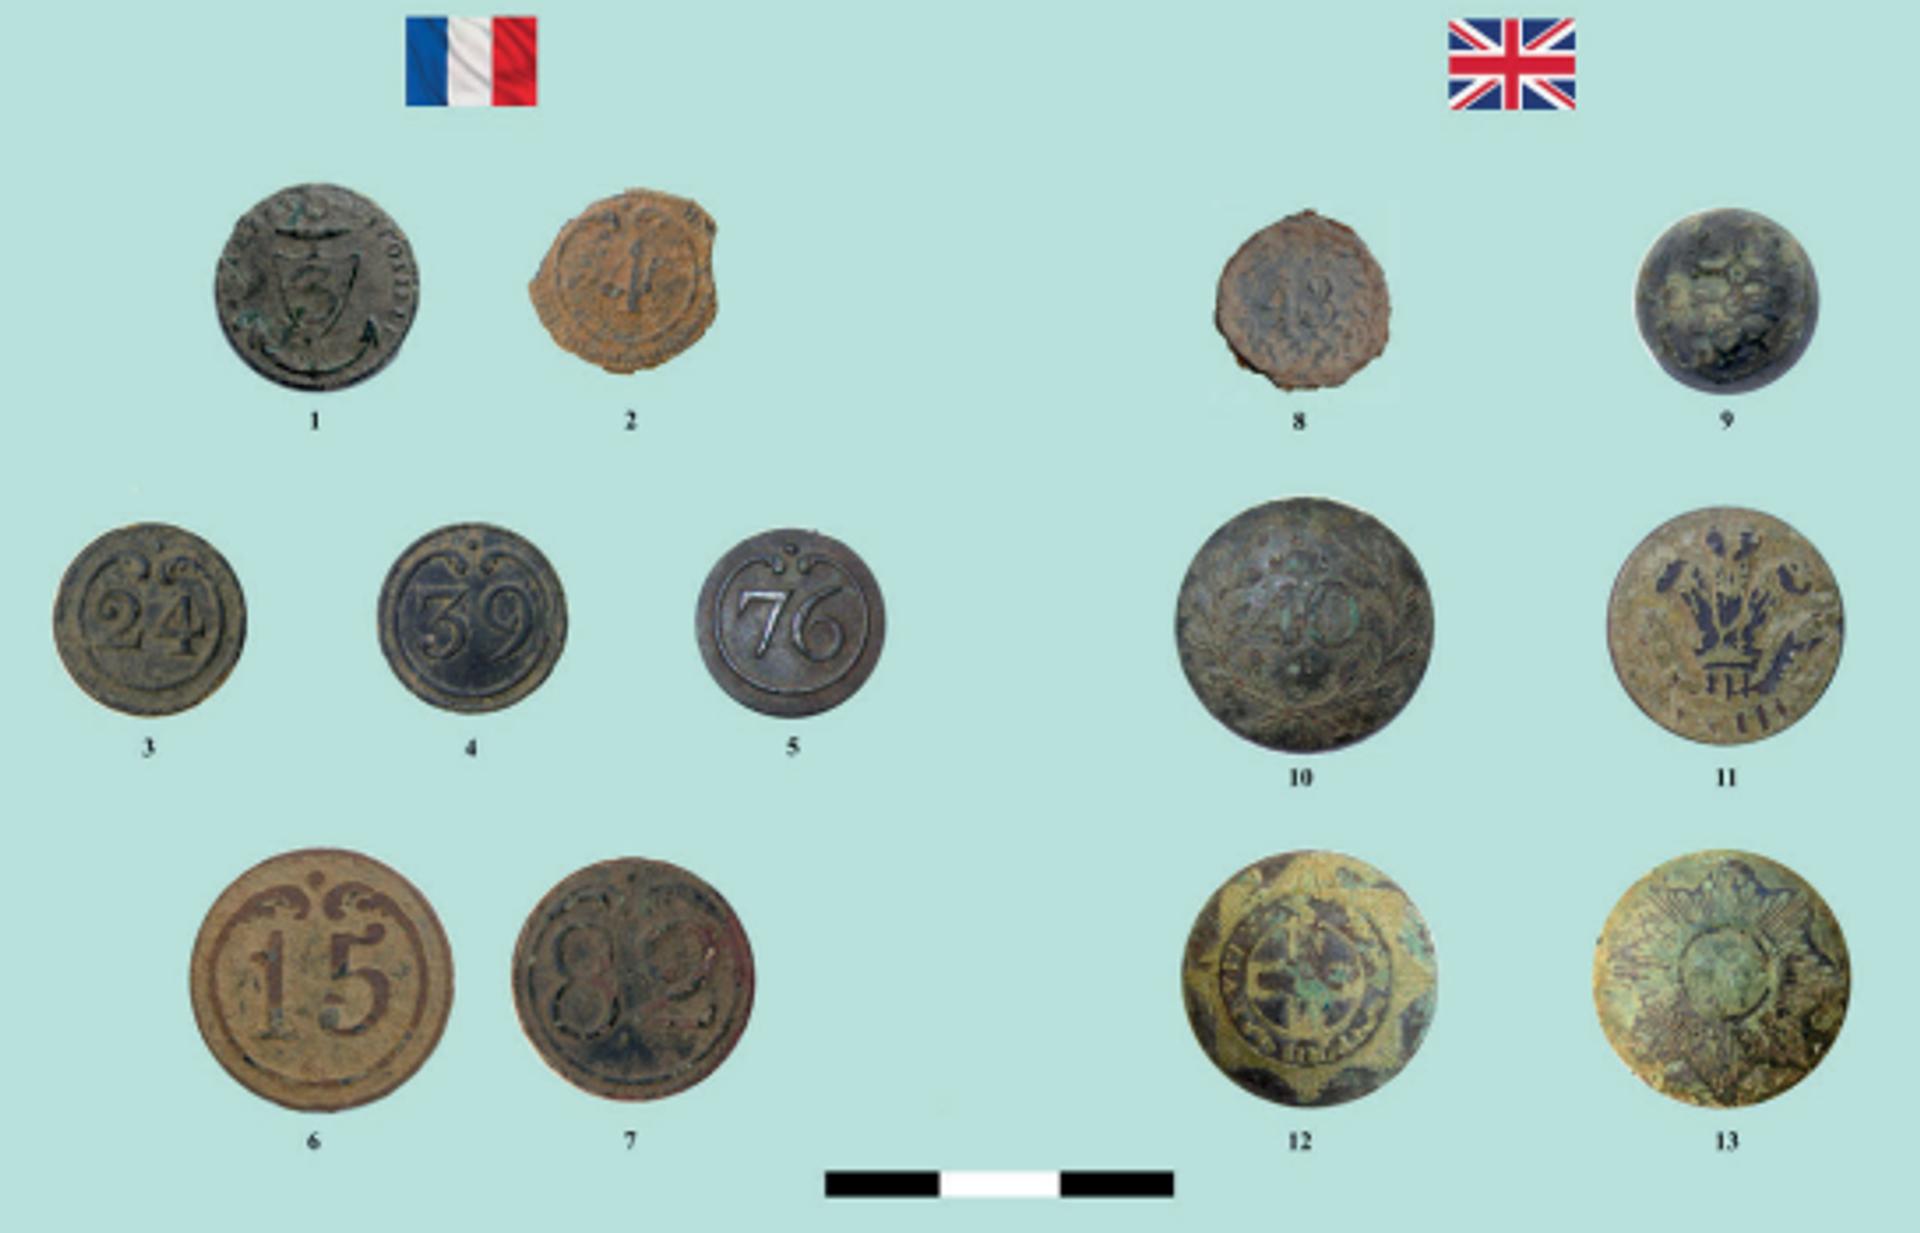 Botones de uniformes franceses y británicos  - Sputnik Mundo, 1920, 29.07.2021